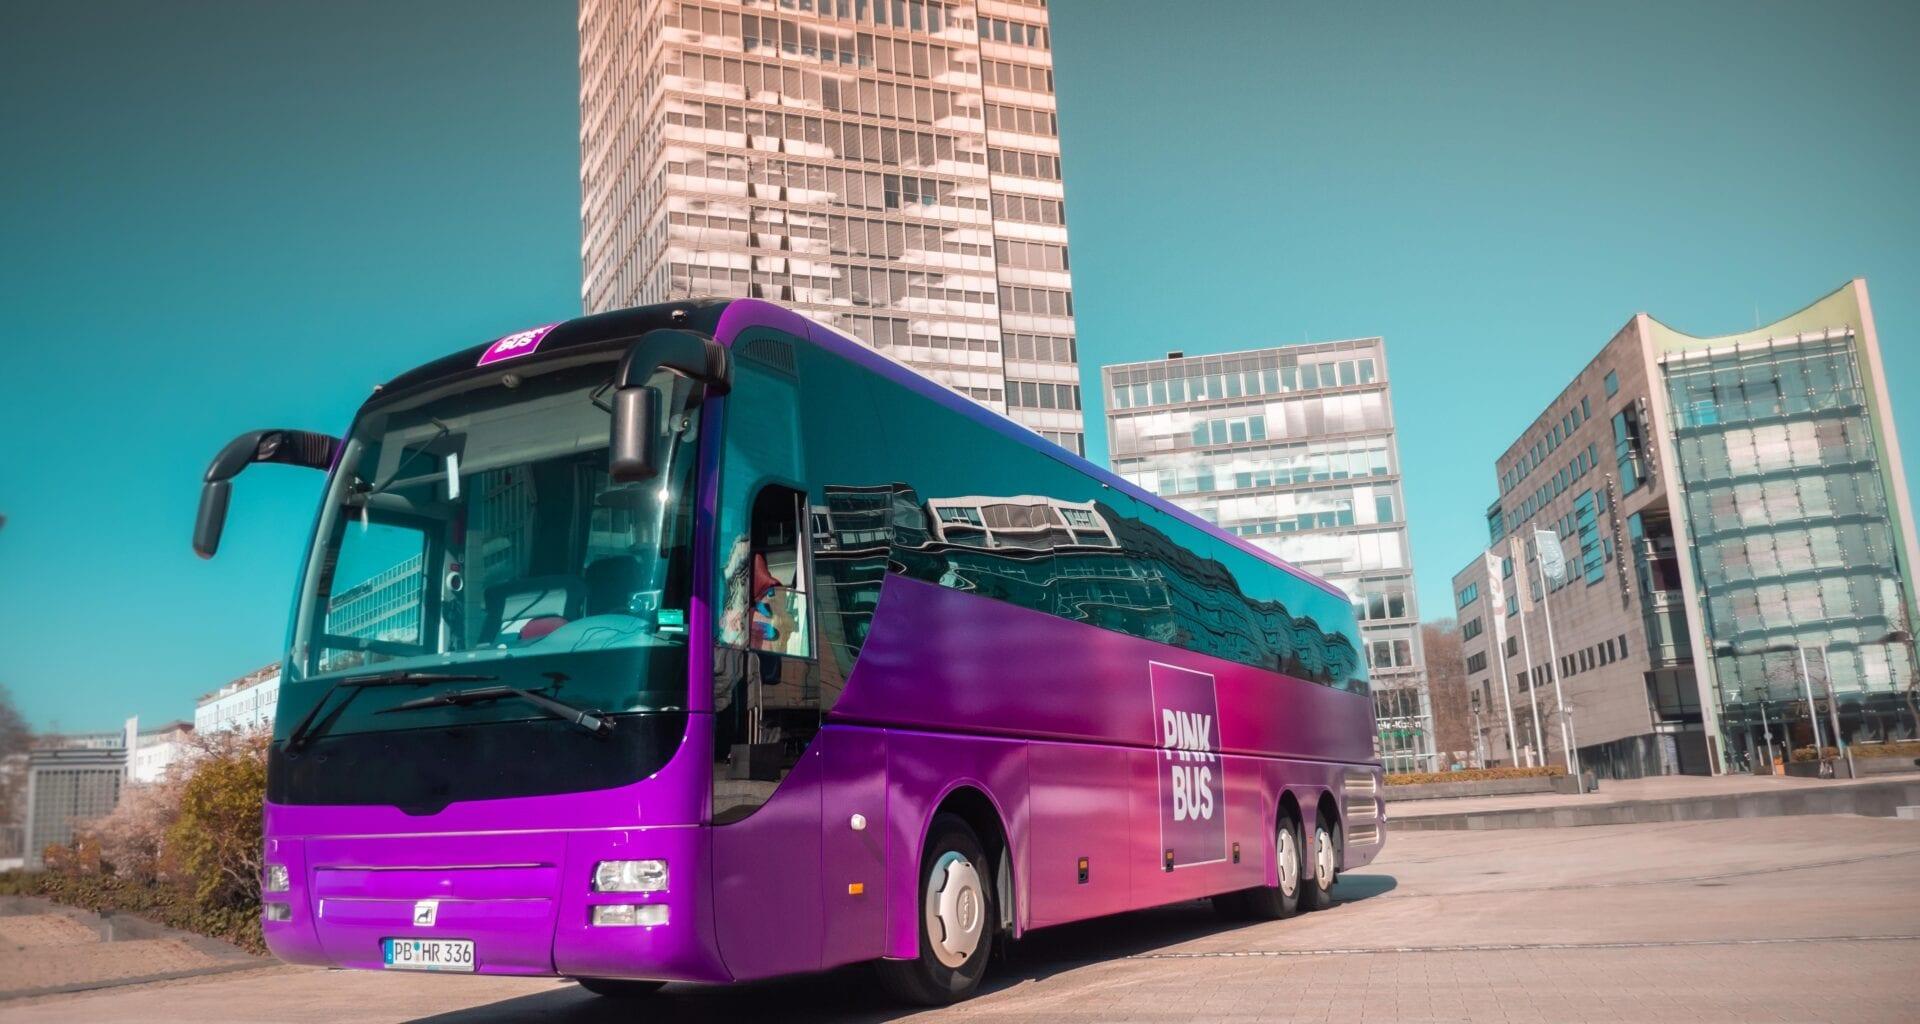 Das neue Design von Pinkbus. Foto: Pinkbus